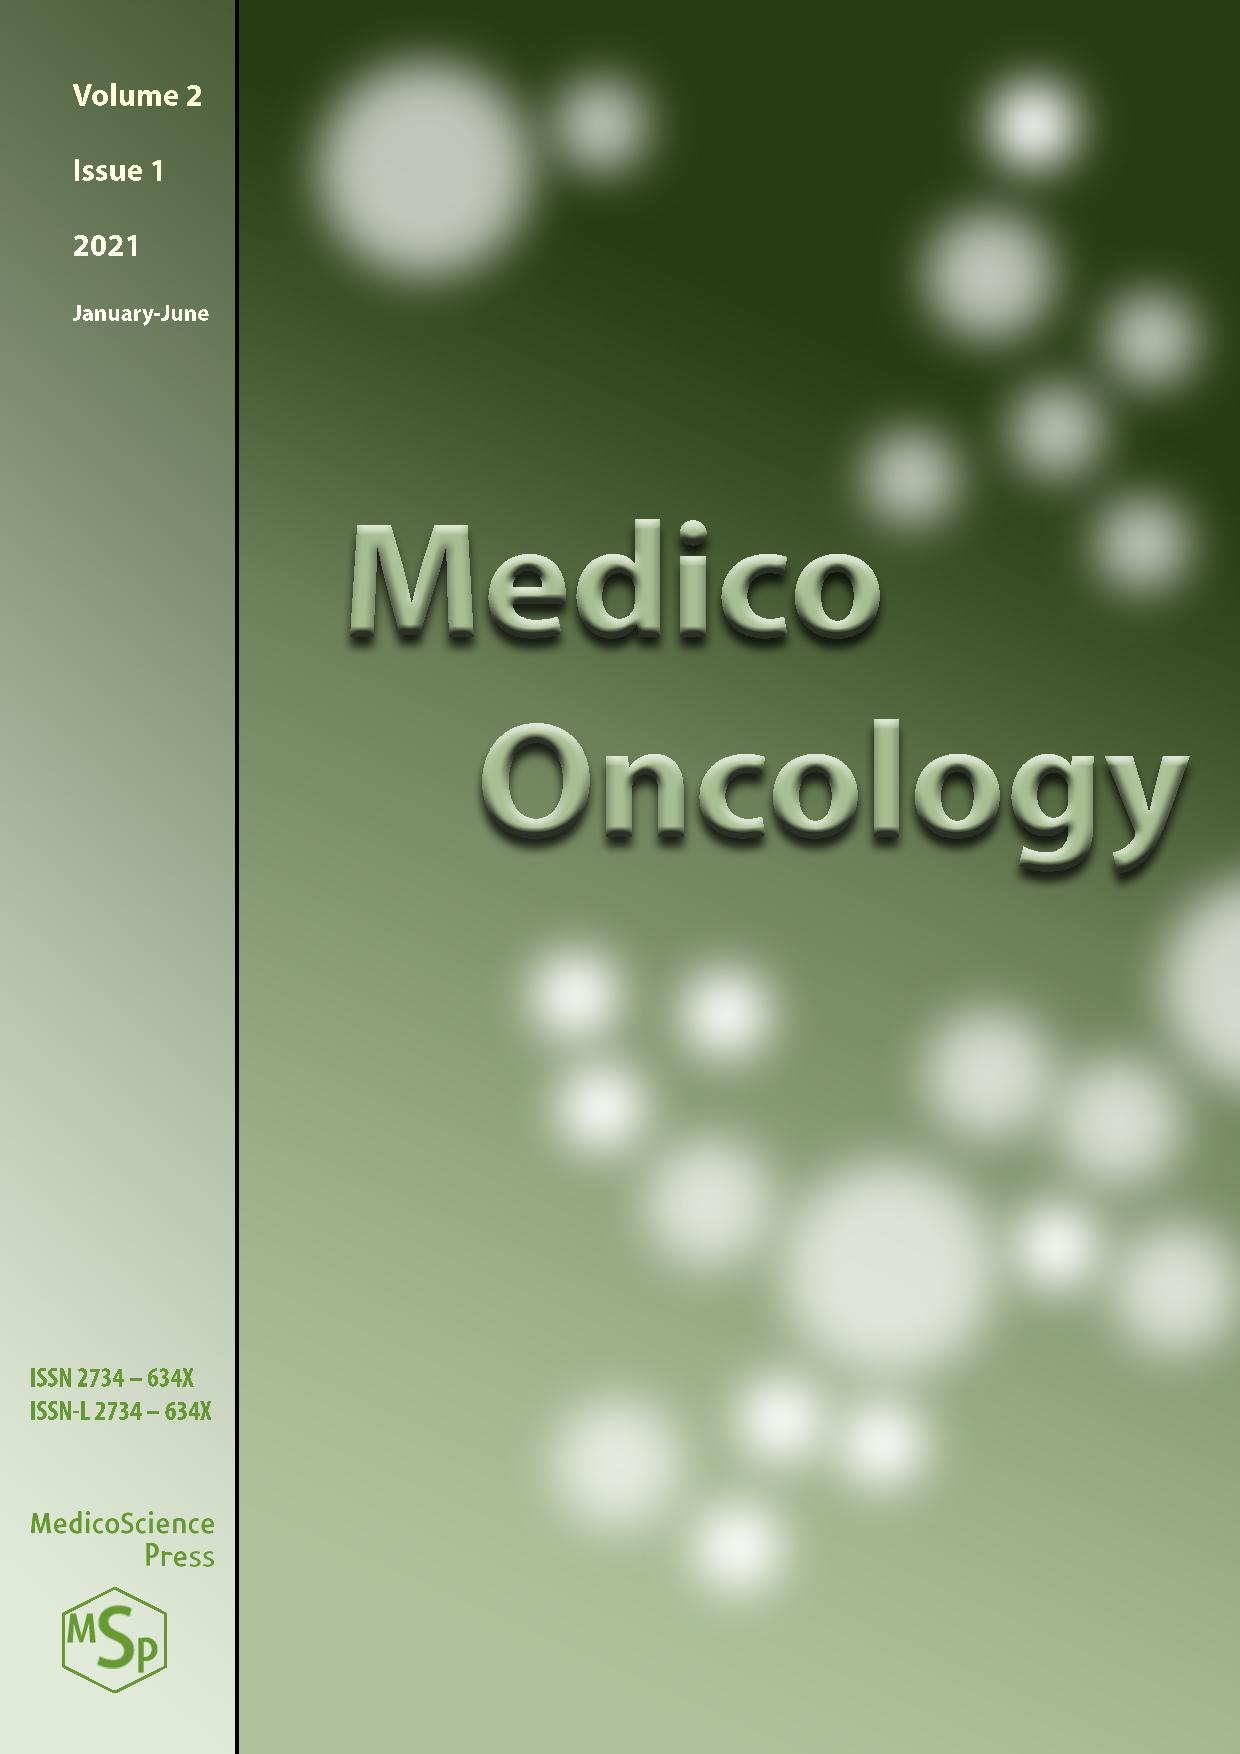 View Vol. 2 No. 1 (2021): Medico Oncology